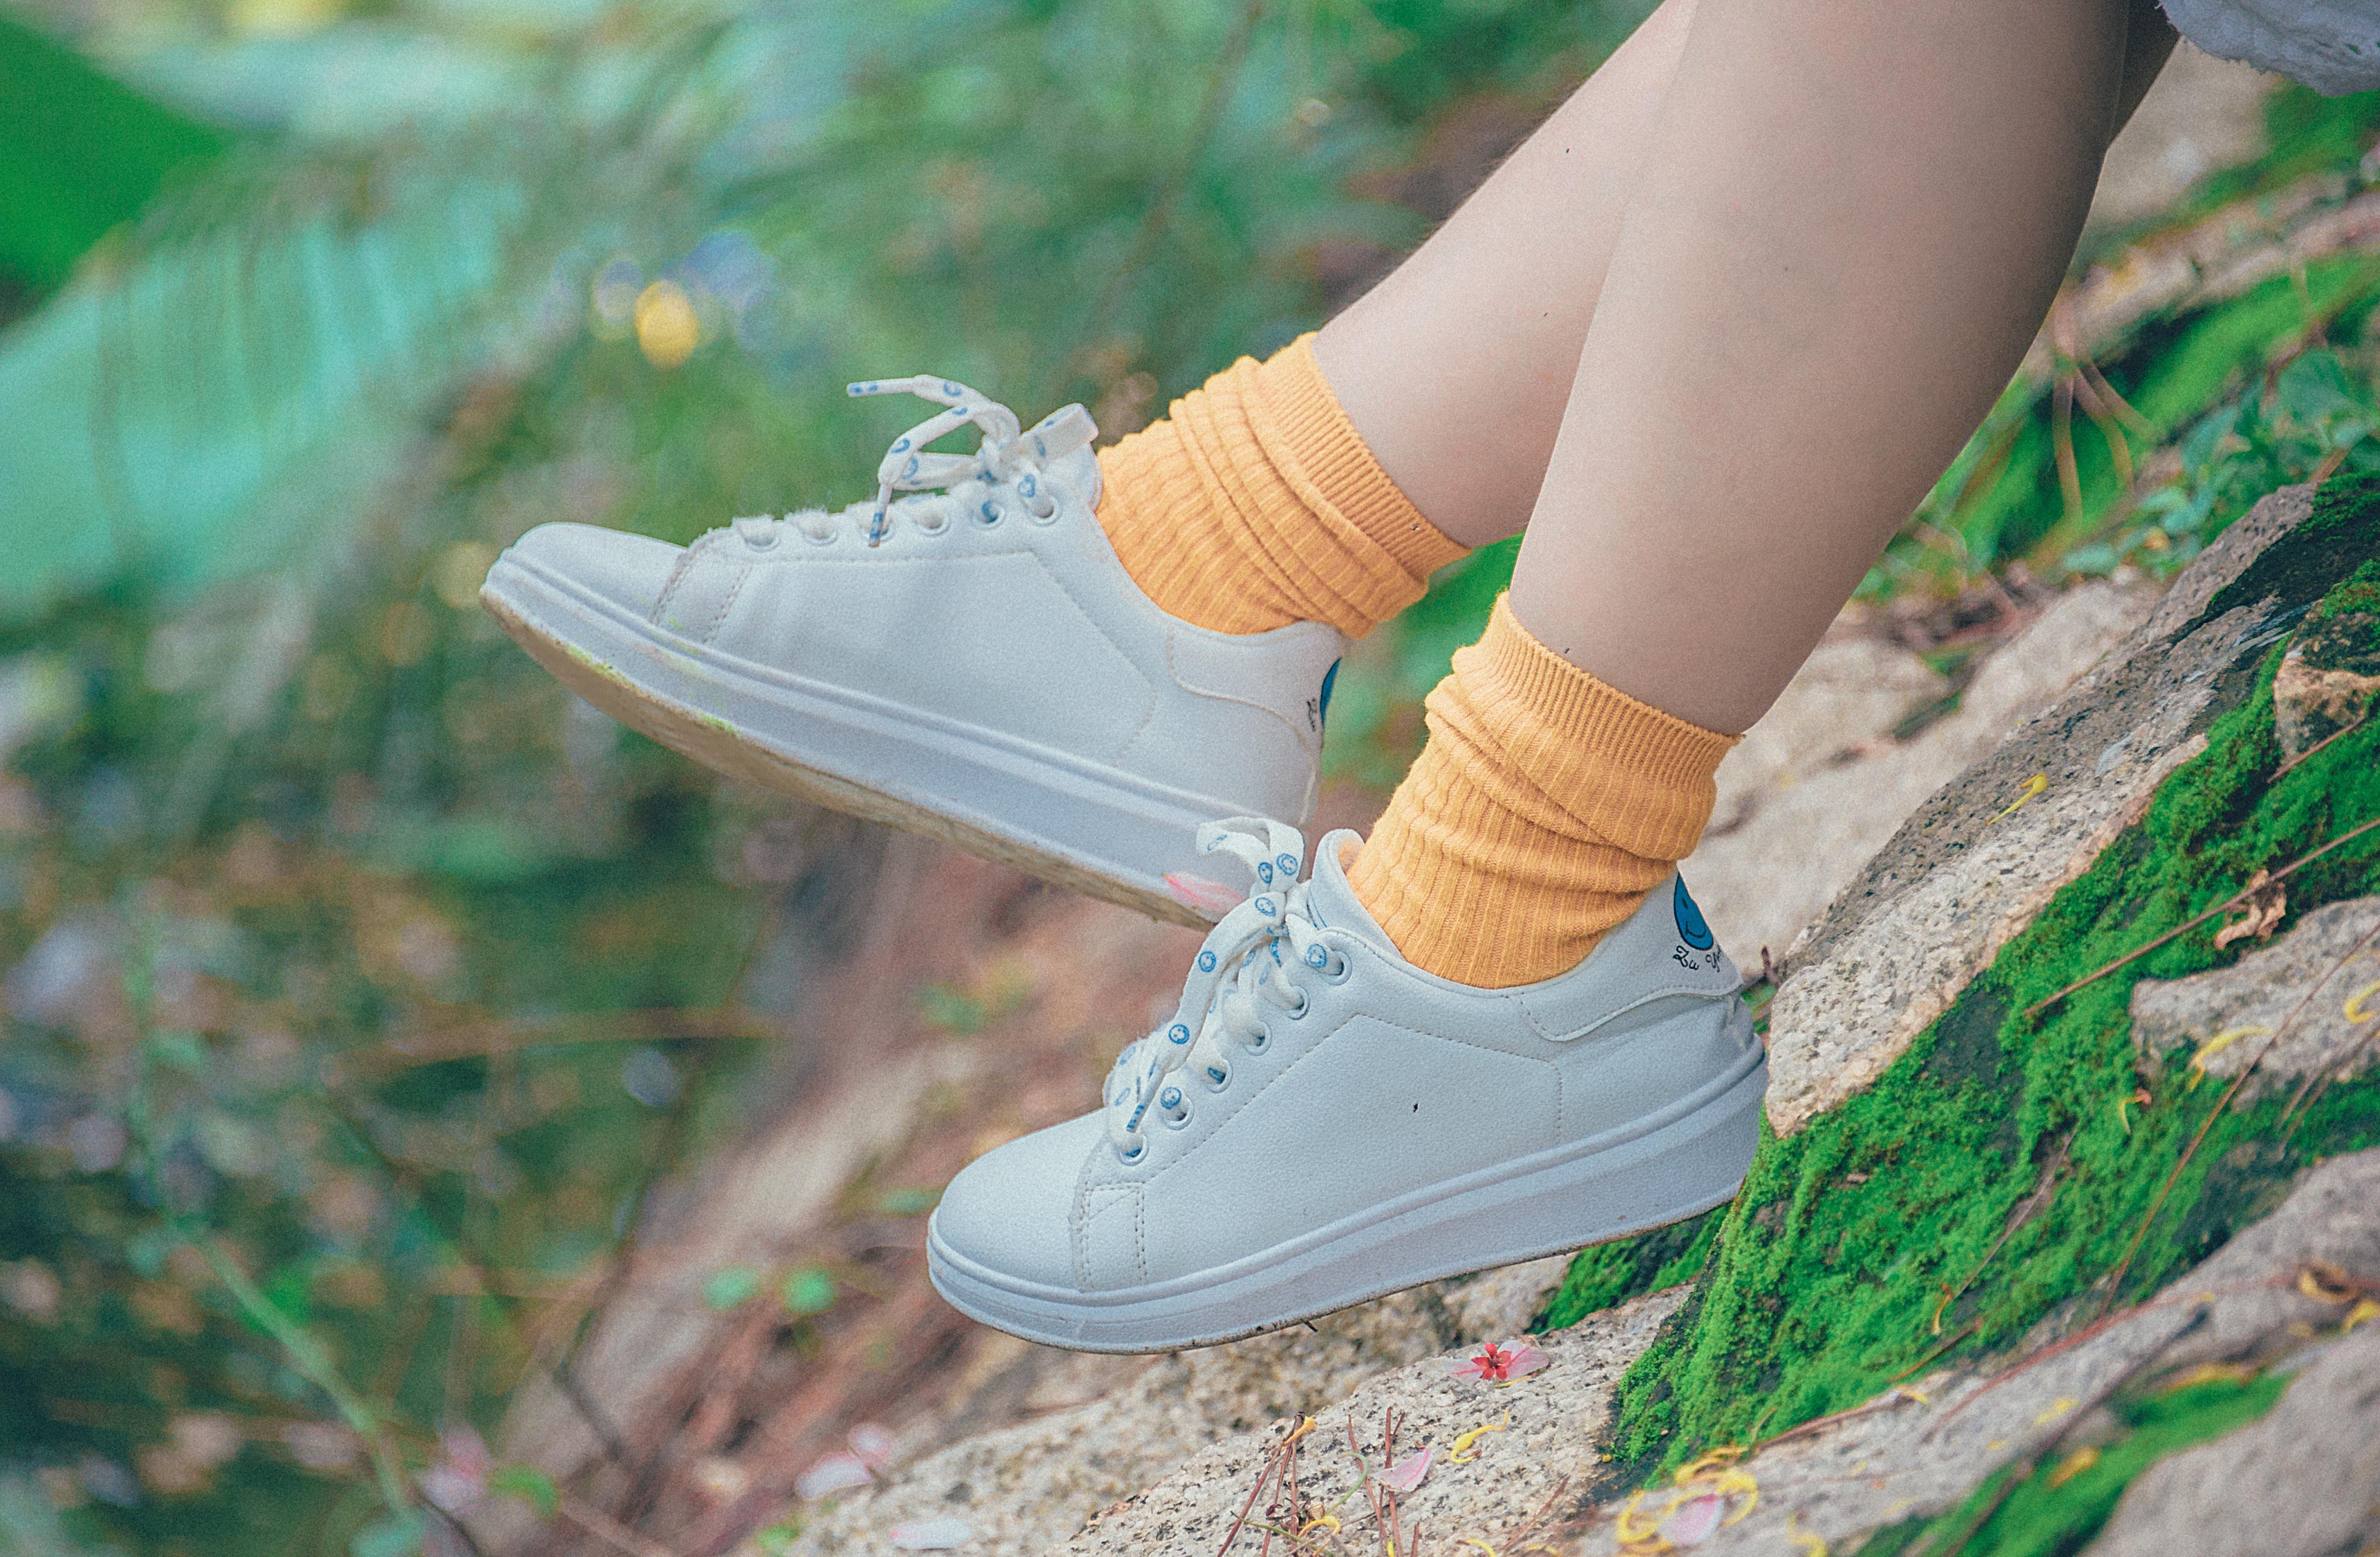 đẹp con gái giày dép Giày Chân Giày chơi quần vợt cỏ Giày ngoài trời chân